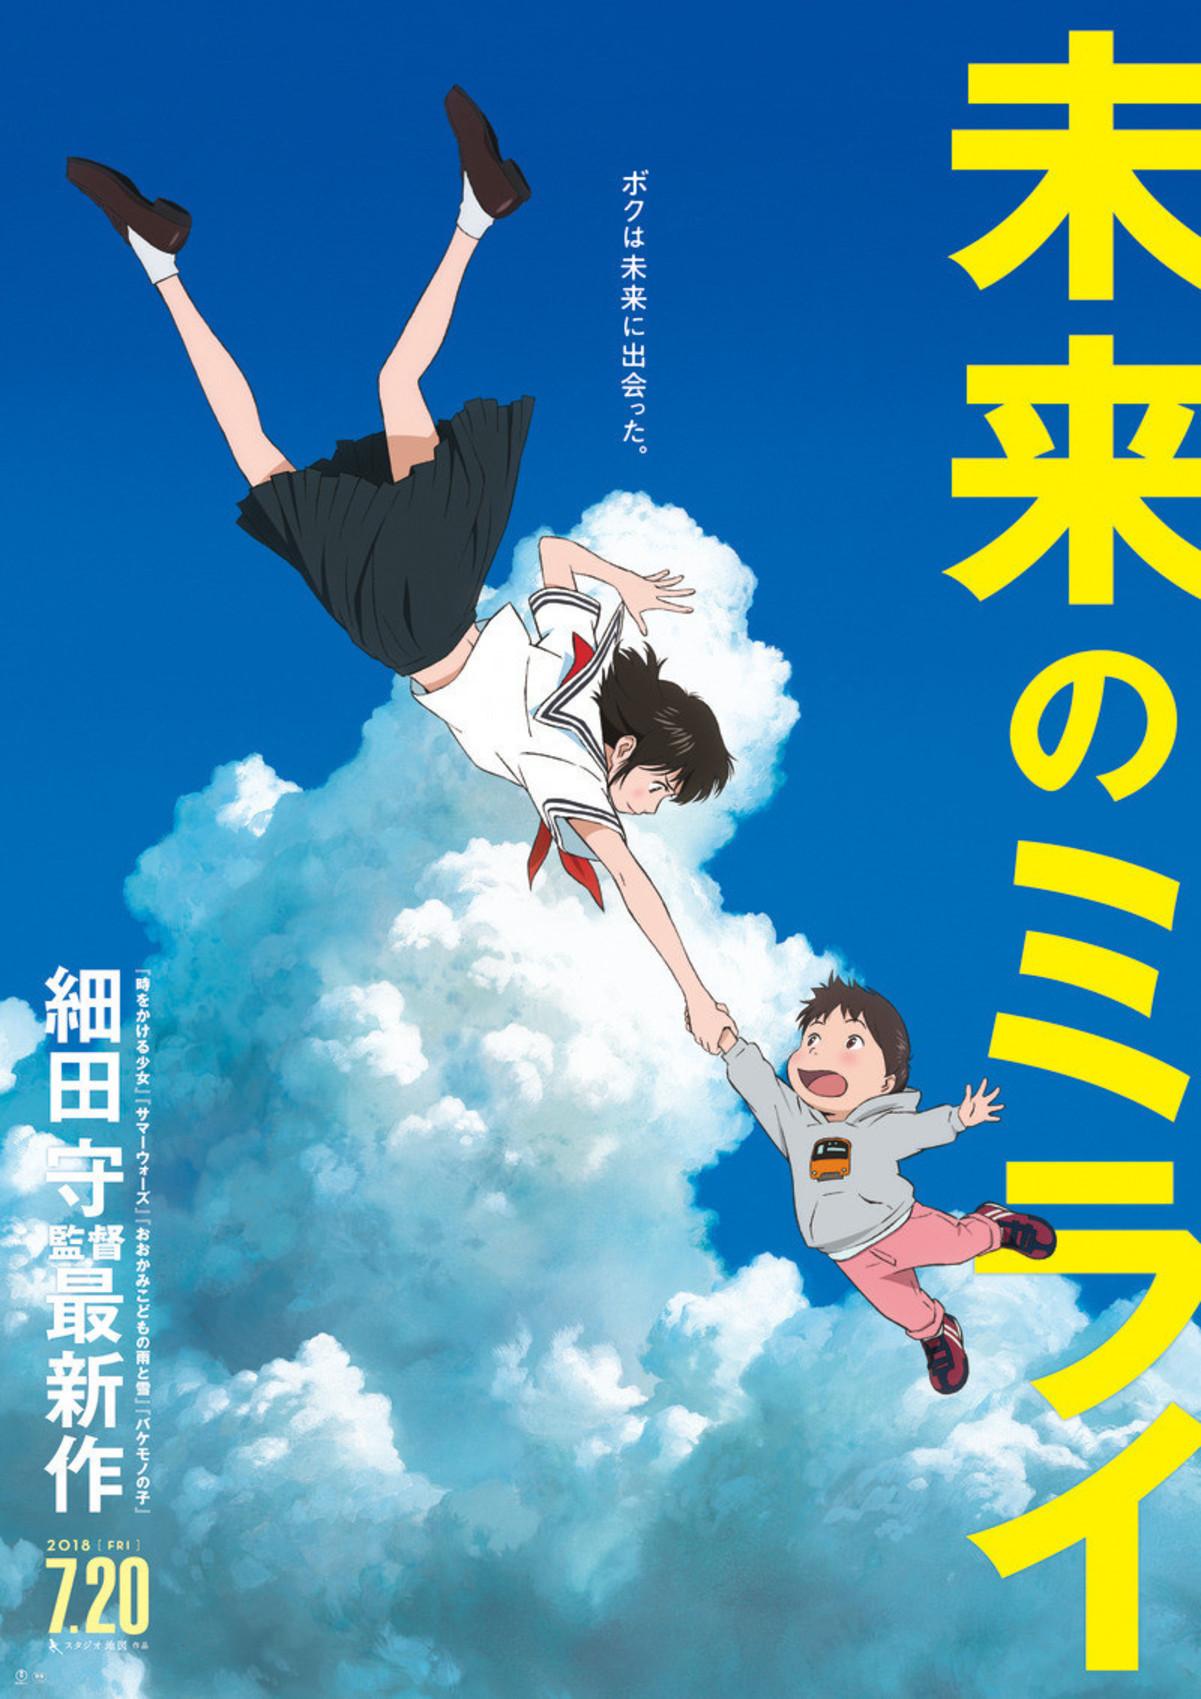 細田守監督最新作は「未来のミライ」!4歳の男児が主人公で7月20日公開 ...